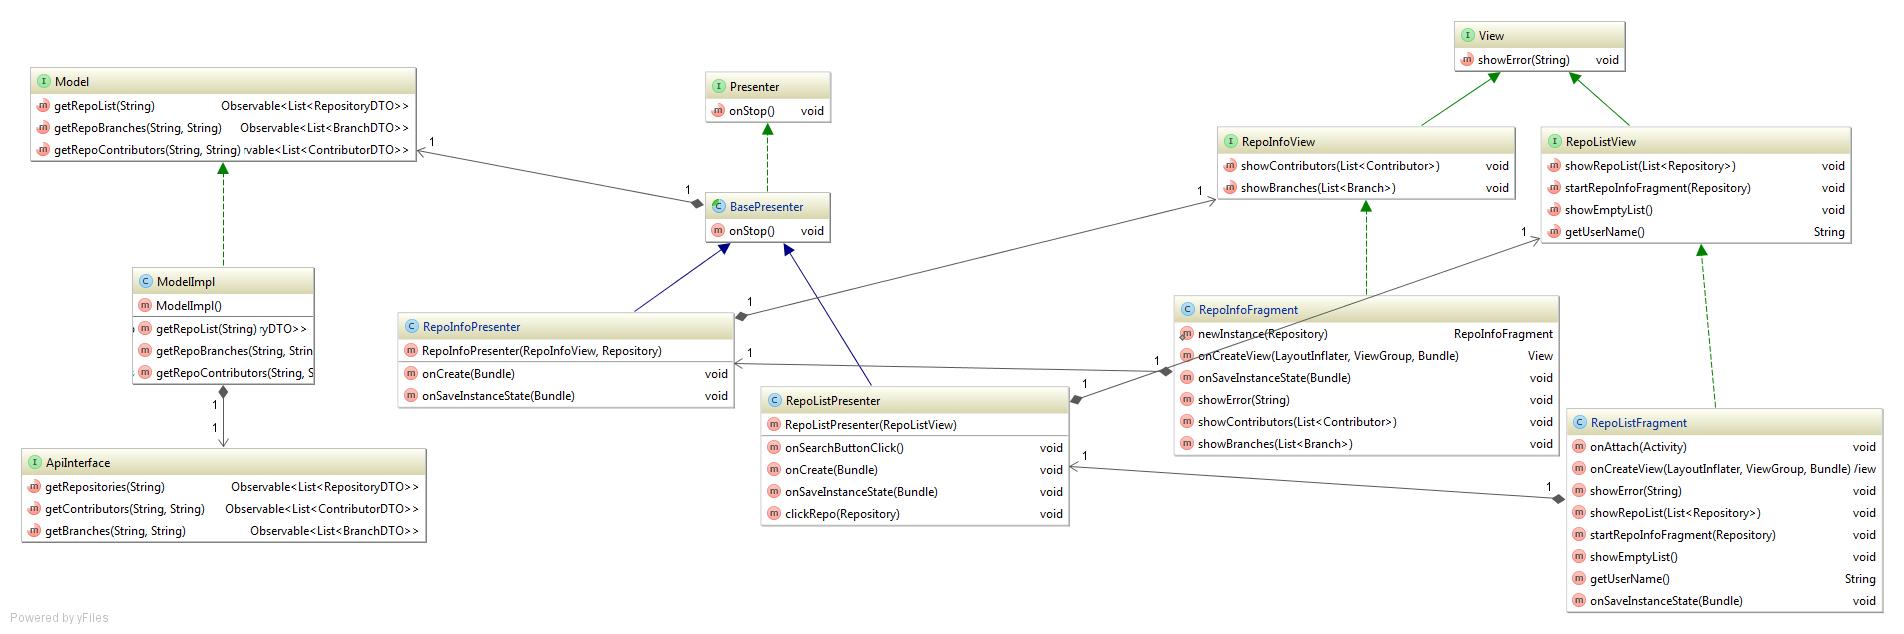 аннотации схема построения